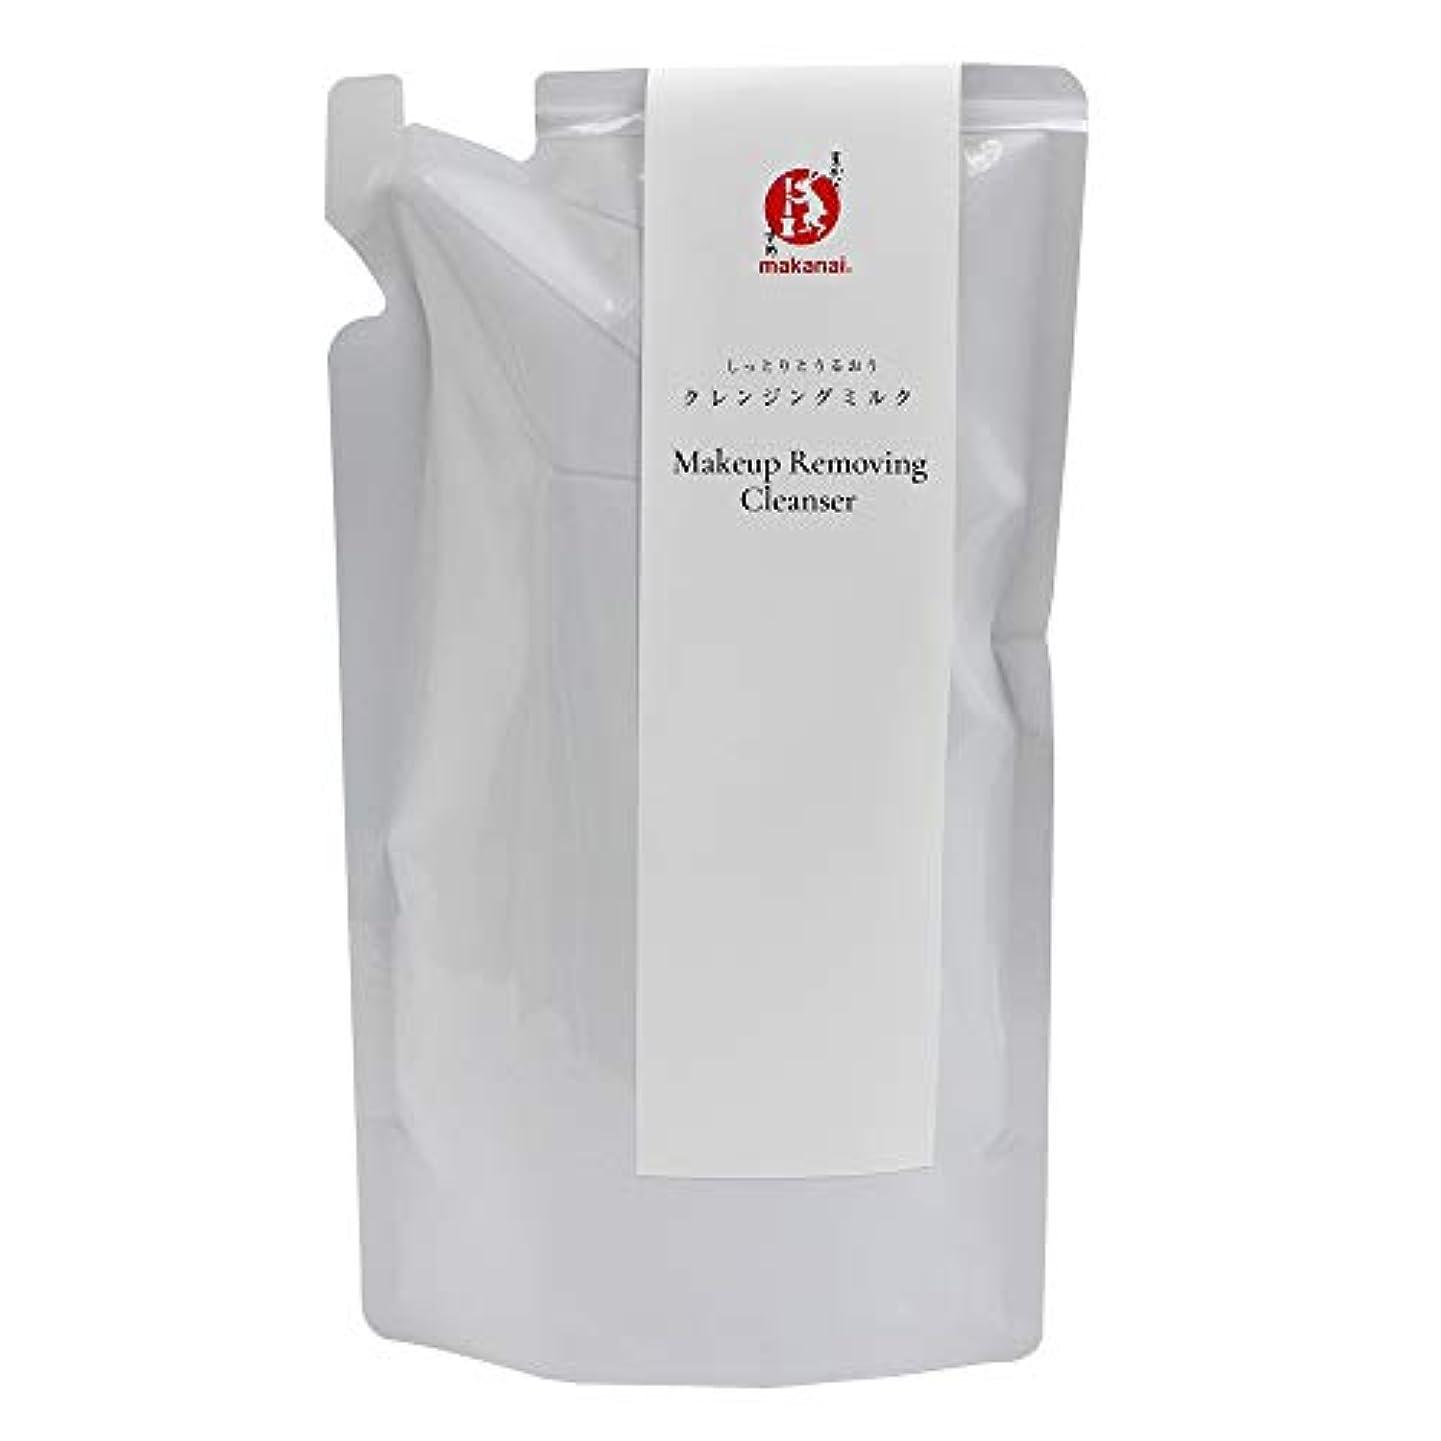 トイレ方法好意まかないこすめ しっとりとうるおうクレンジングミルク(詰め替え用) 140ml